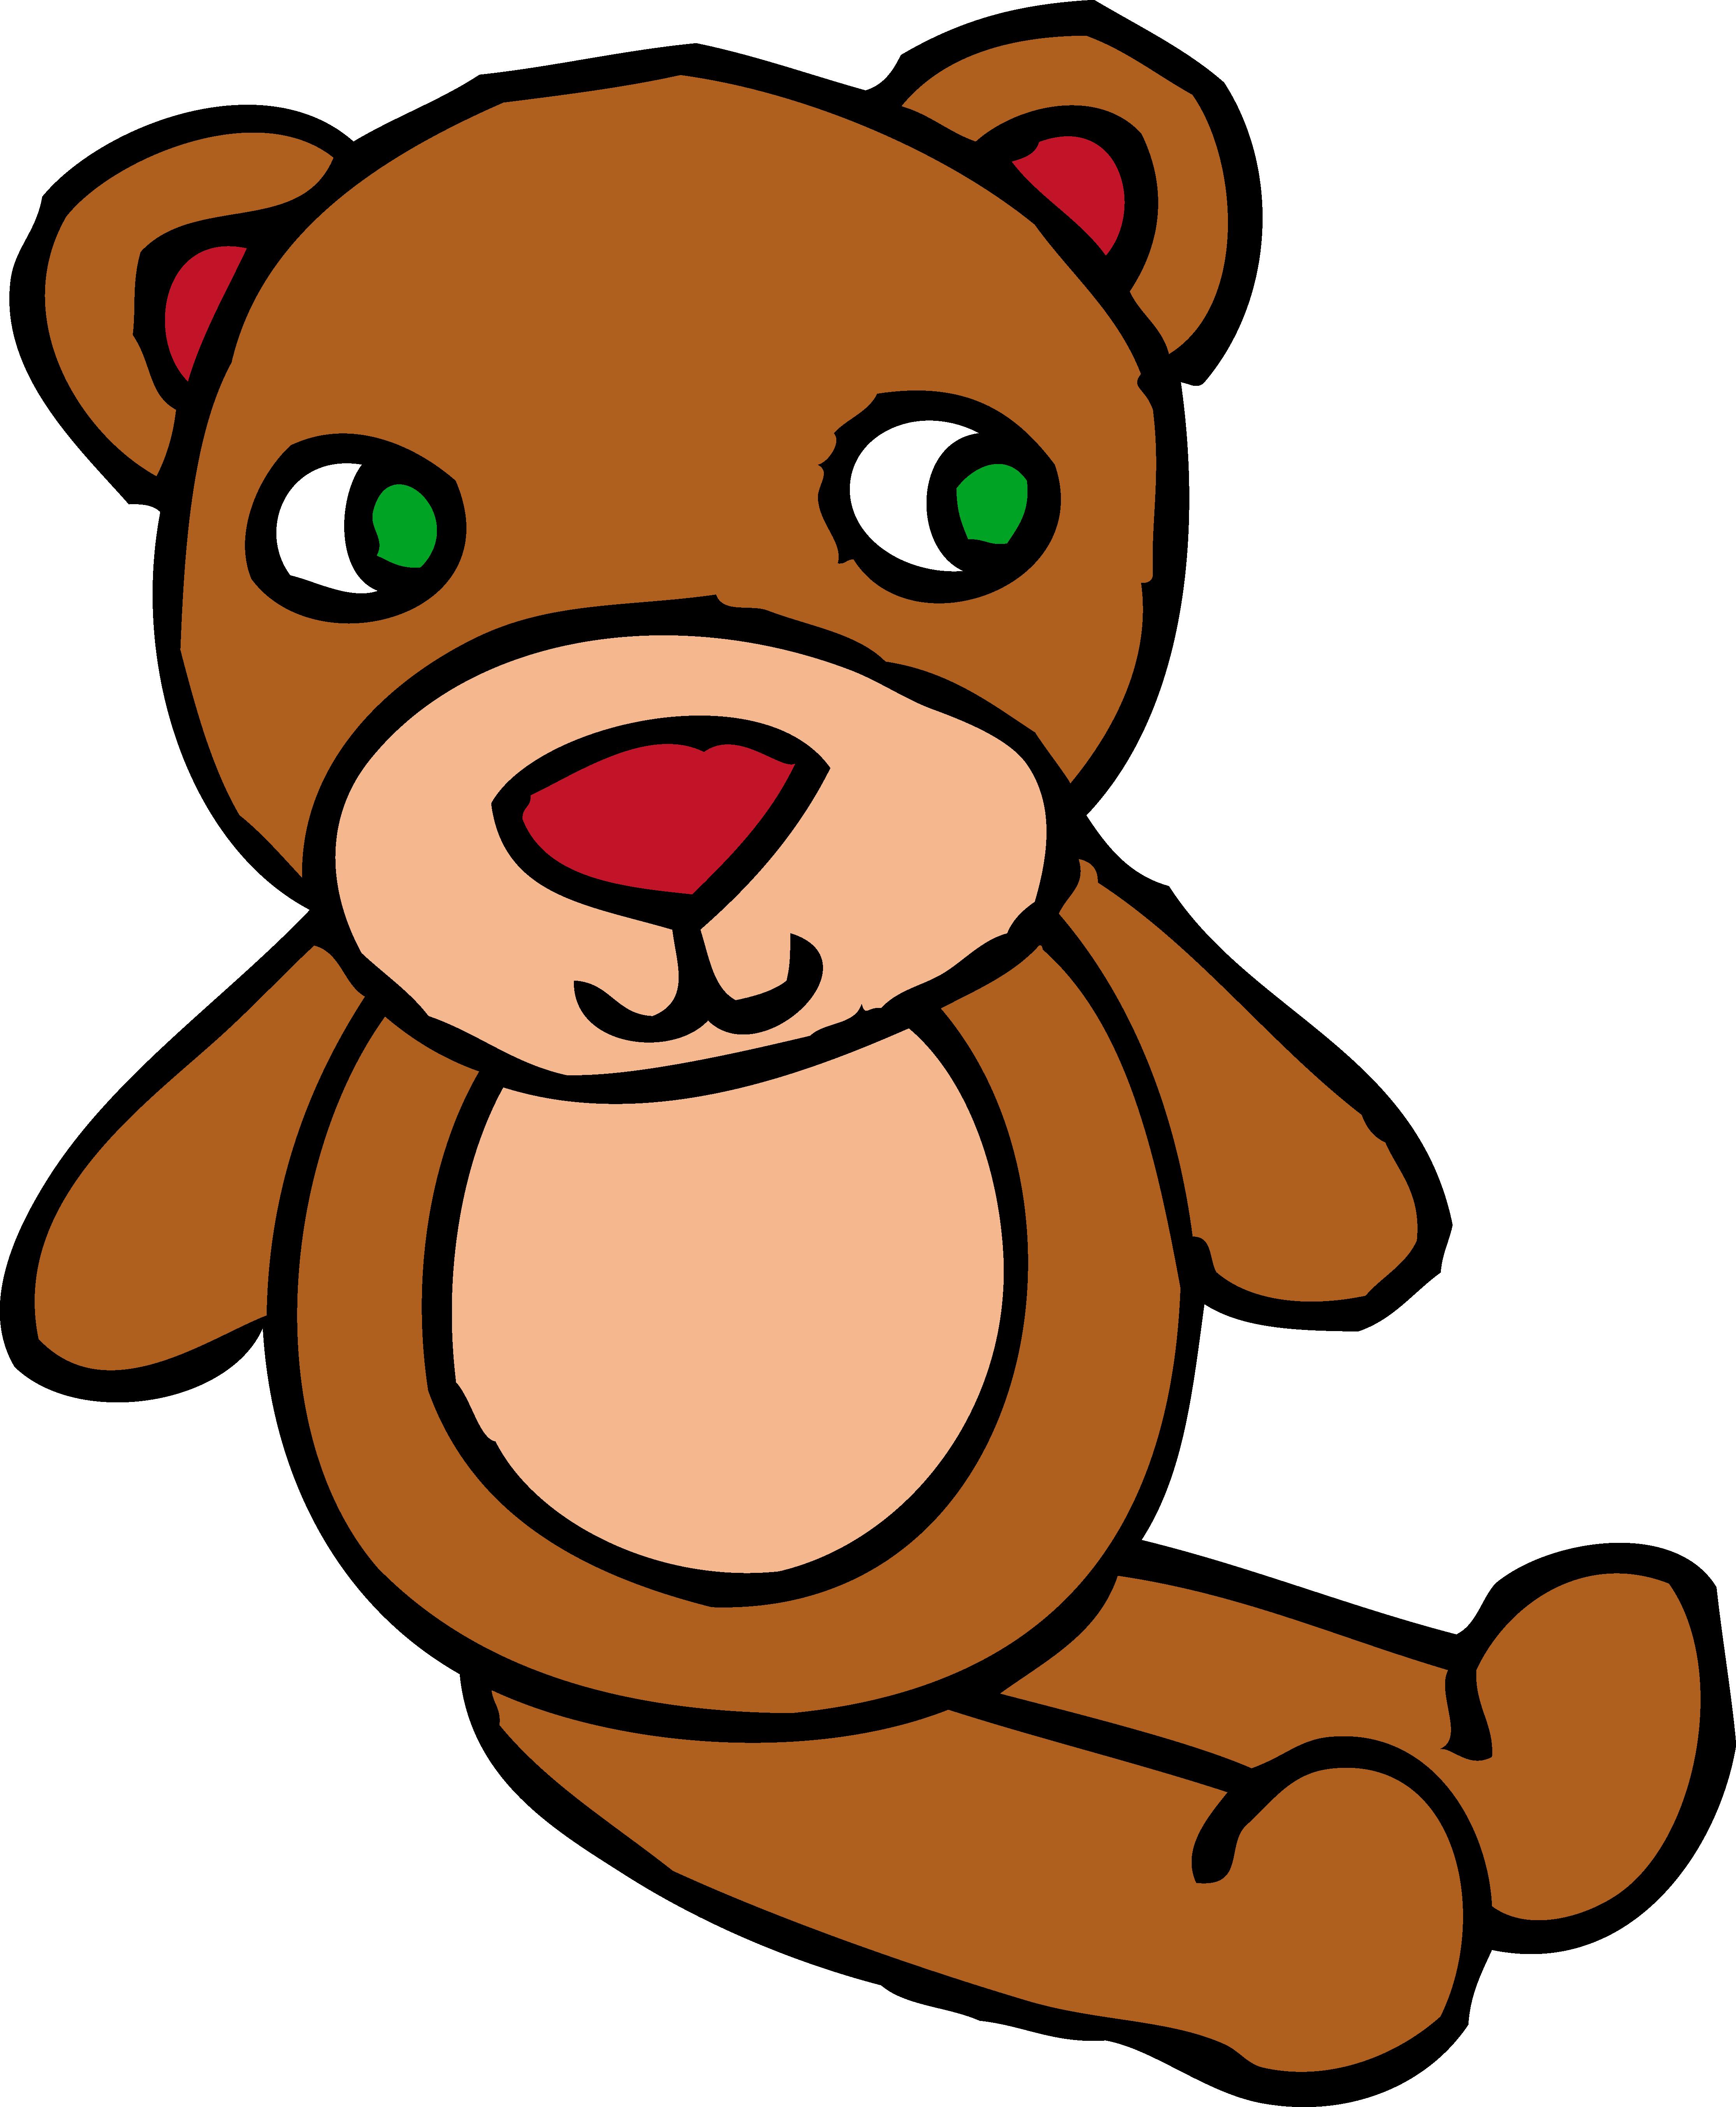 4459x5412 Boy Teddy Bear Clip Art